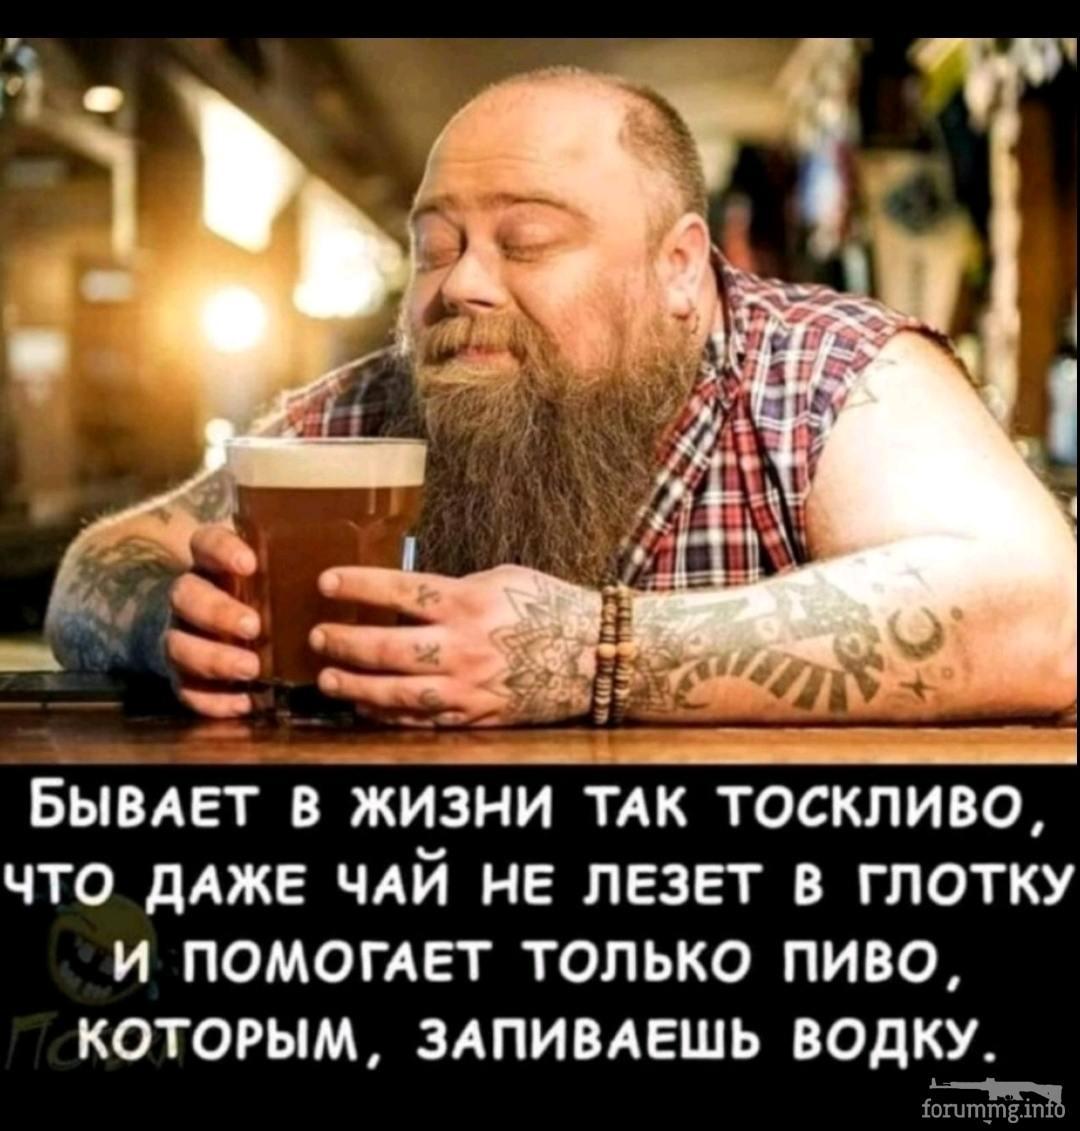 131636 - Пить или не пить? - пятничная алкогольная тема )))